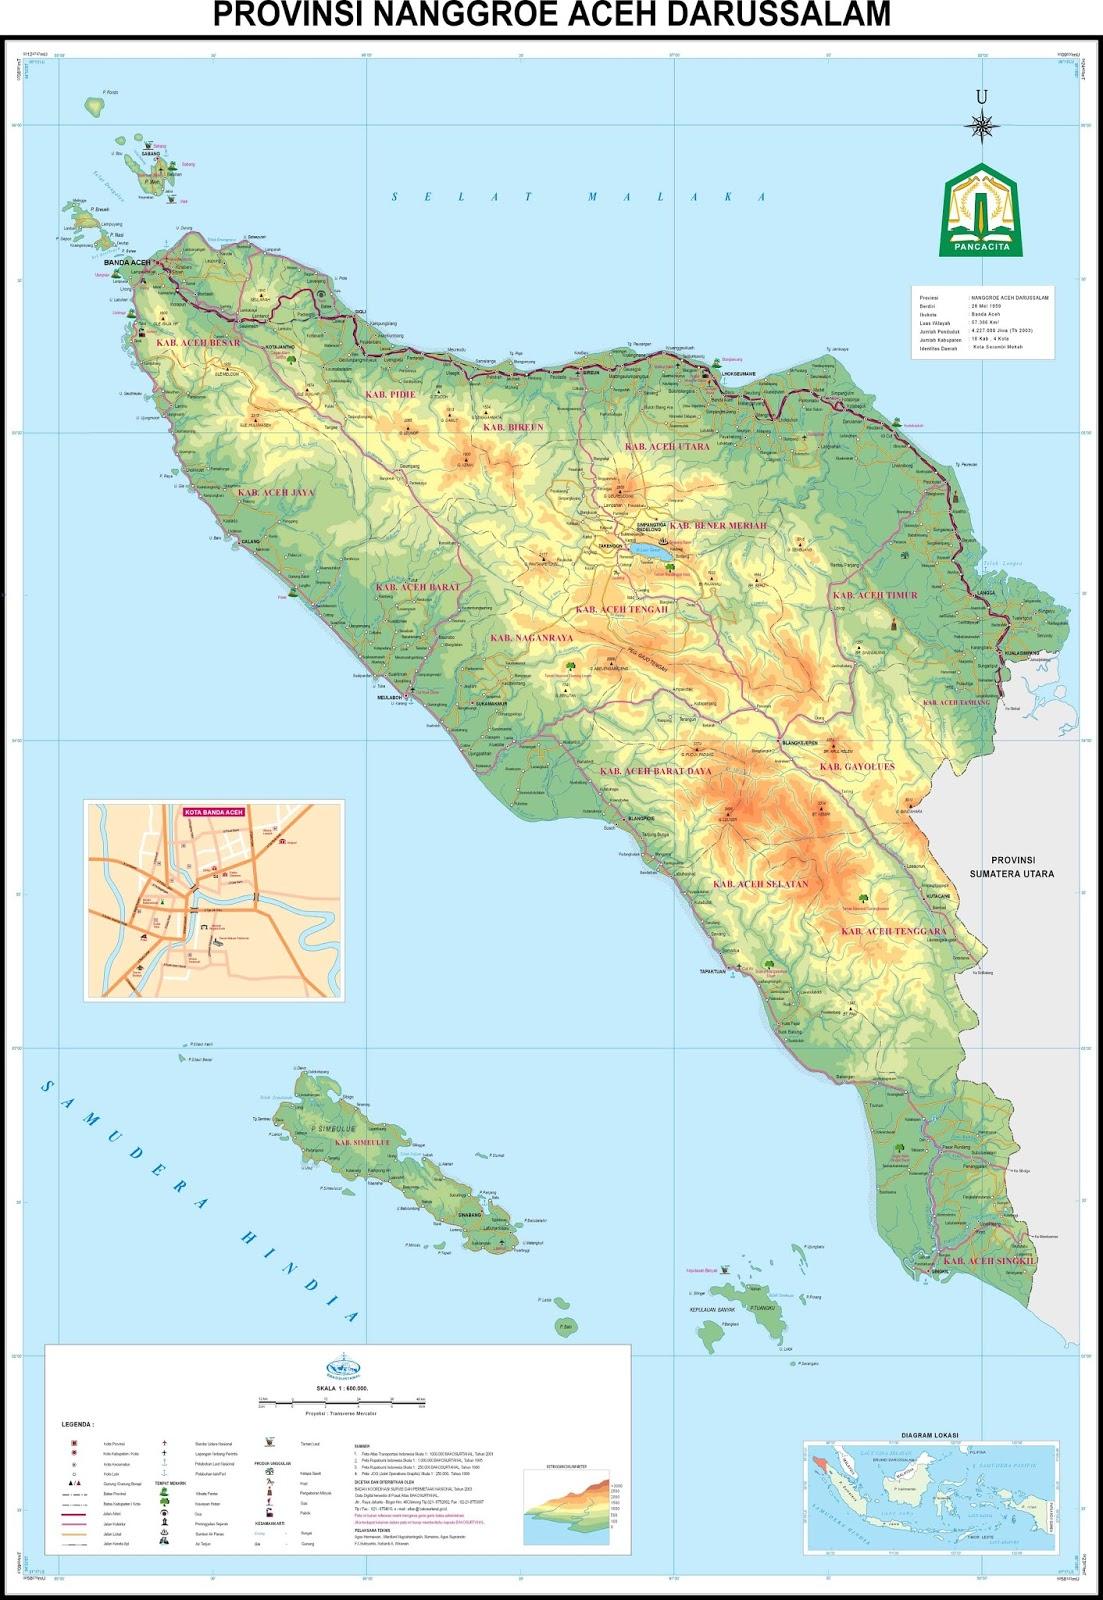 ekogeo peta dan profil singkat 34 provinsi di indonesia